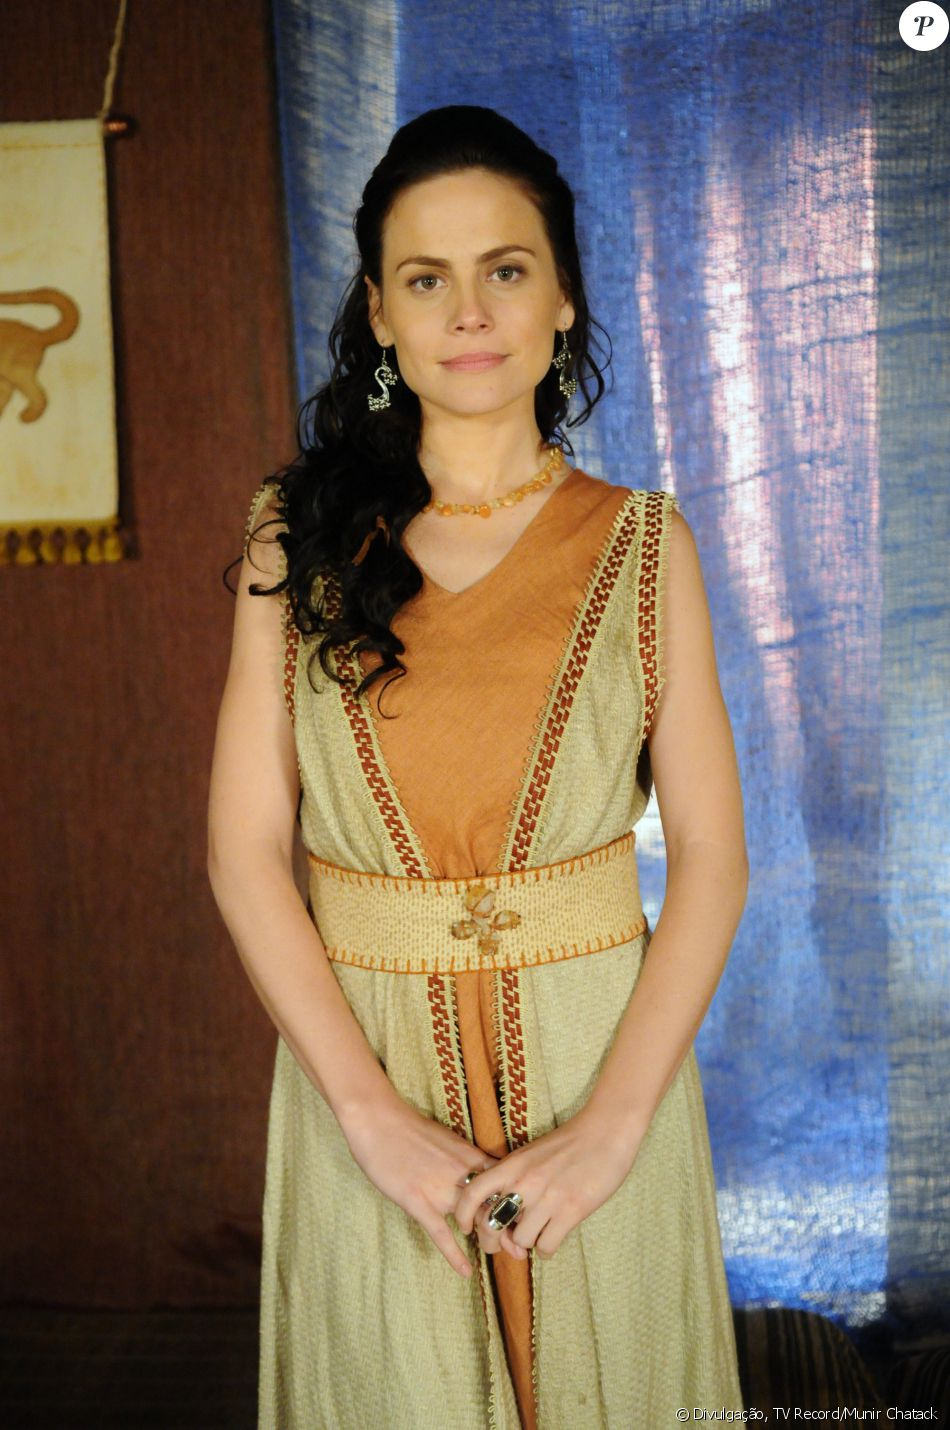 Acsa (Marisol Ribeiro) é uma jovem mimada e fútil que se apaixona por Gibar (Rodrigo Phavanello) e depois por Bogotai (o nome do ator não foi divulgado), na novela 'A Terra Prometida'